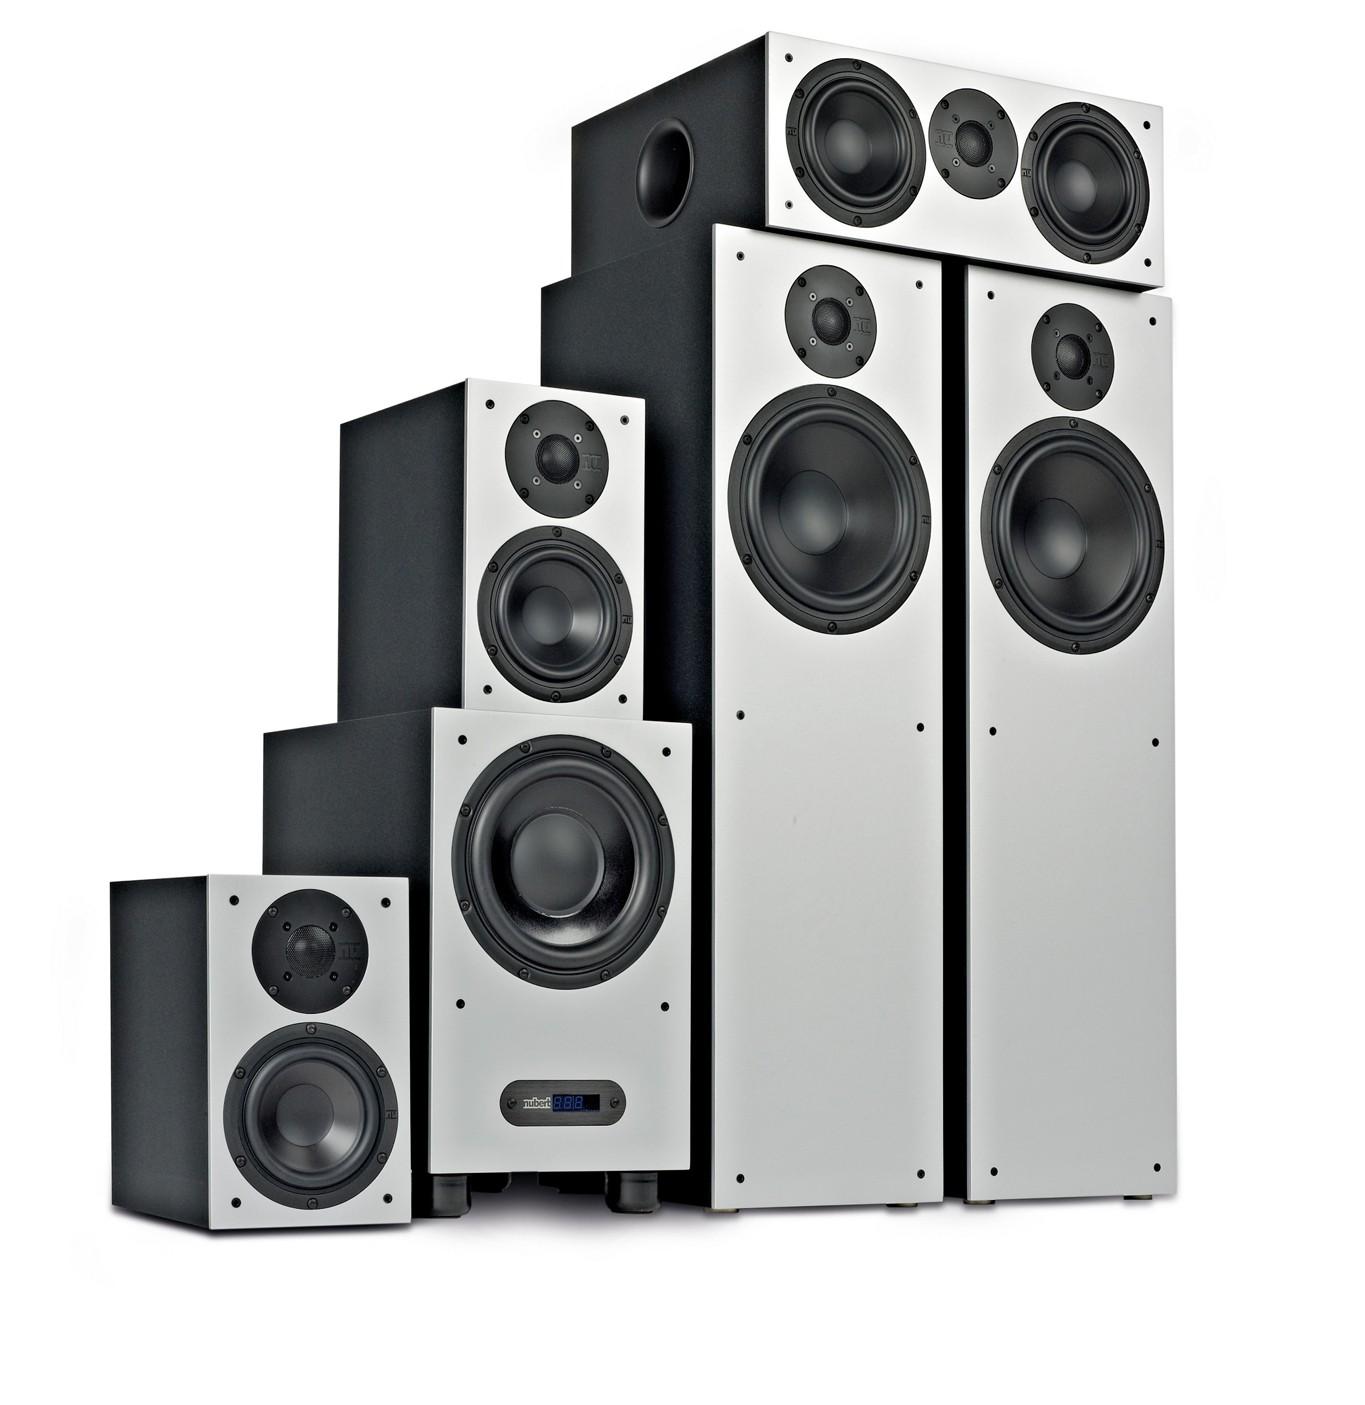 Lautsprecher Surround Nubert nuBox-Set 483/CS-413/313/AW-443 im Test, Bild 1